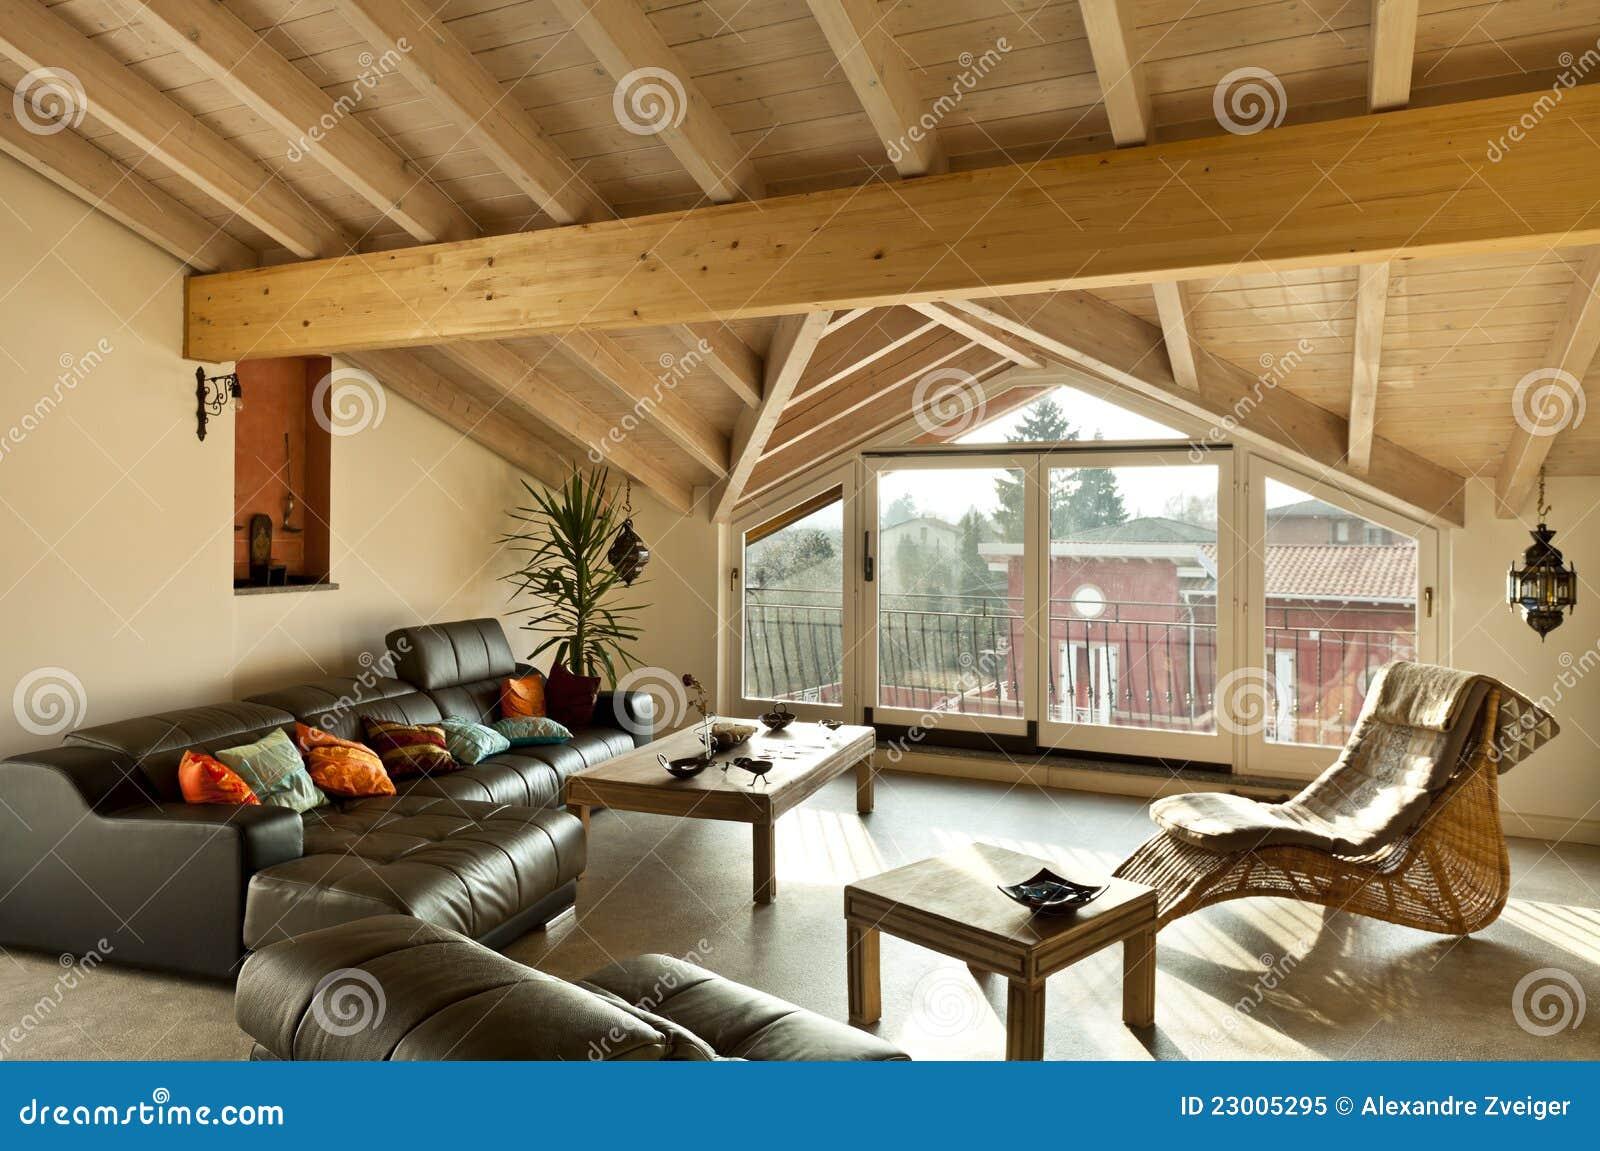 Muebles tnicos sala de estar - Muebles salita de estar ...